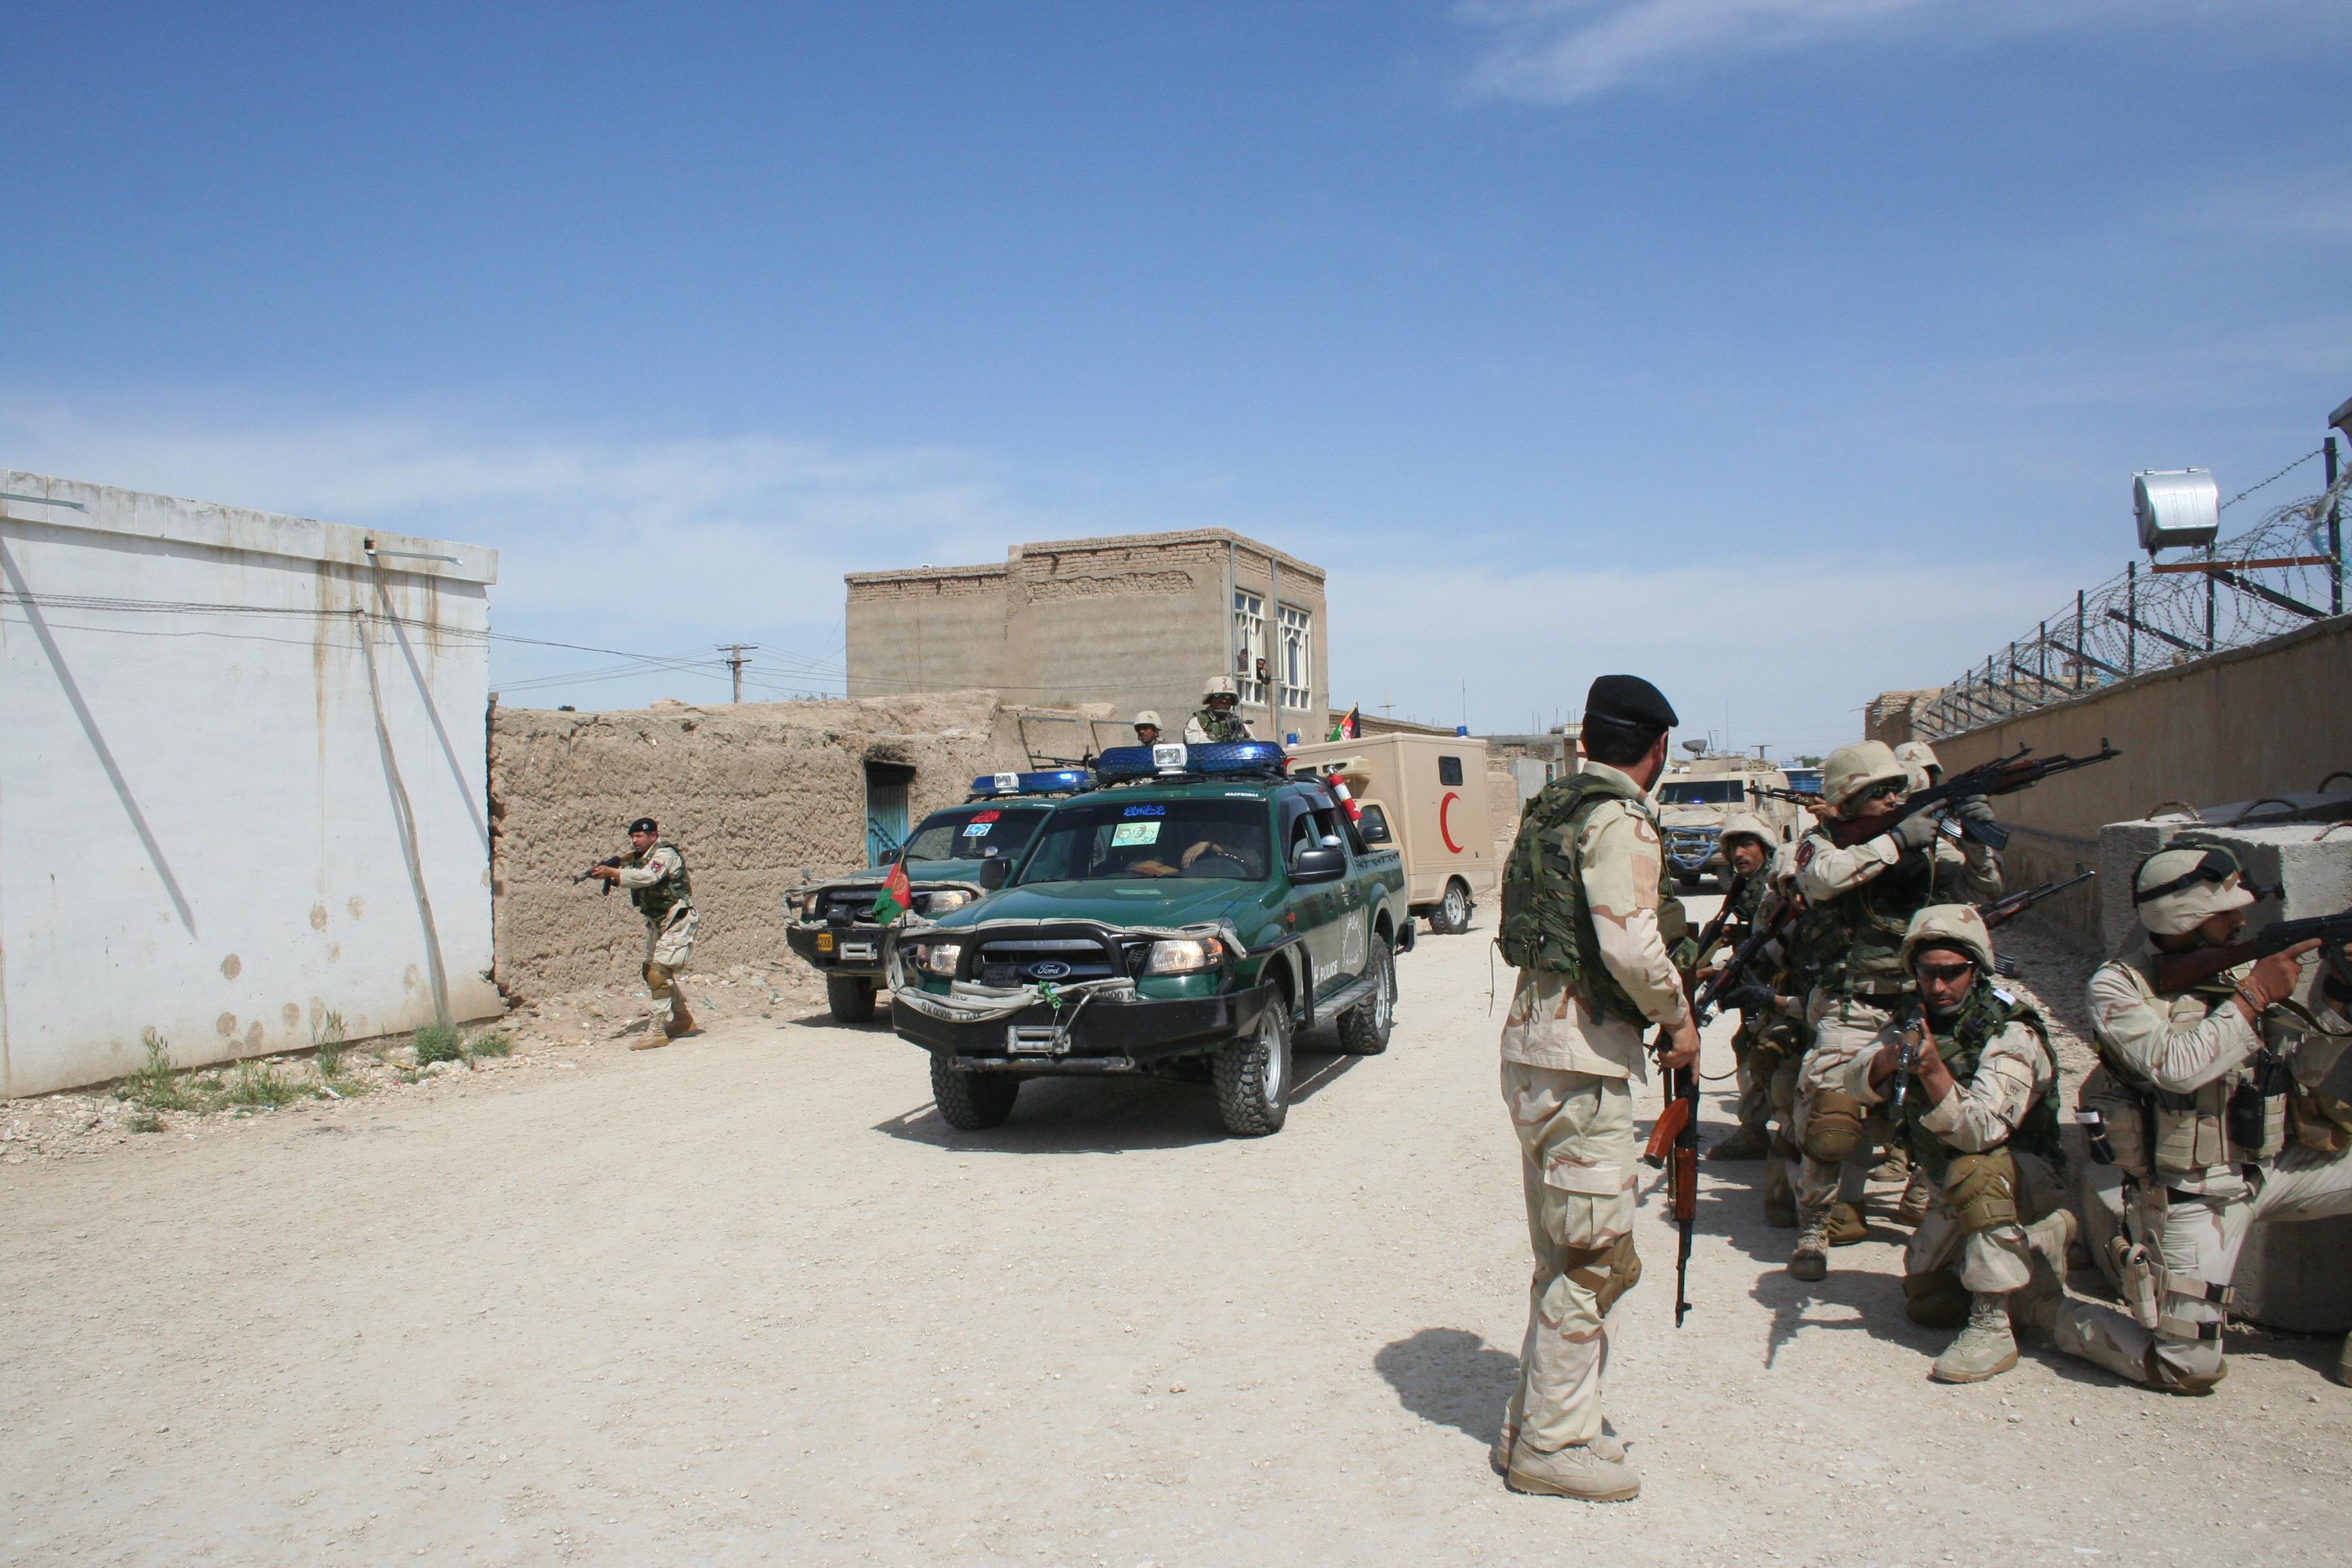 Un autobuz a explodat în Afganistan, în urma unui atac cu bombă. Cel puțin 11 persoane au murit